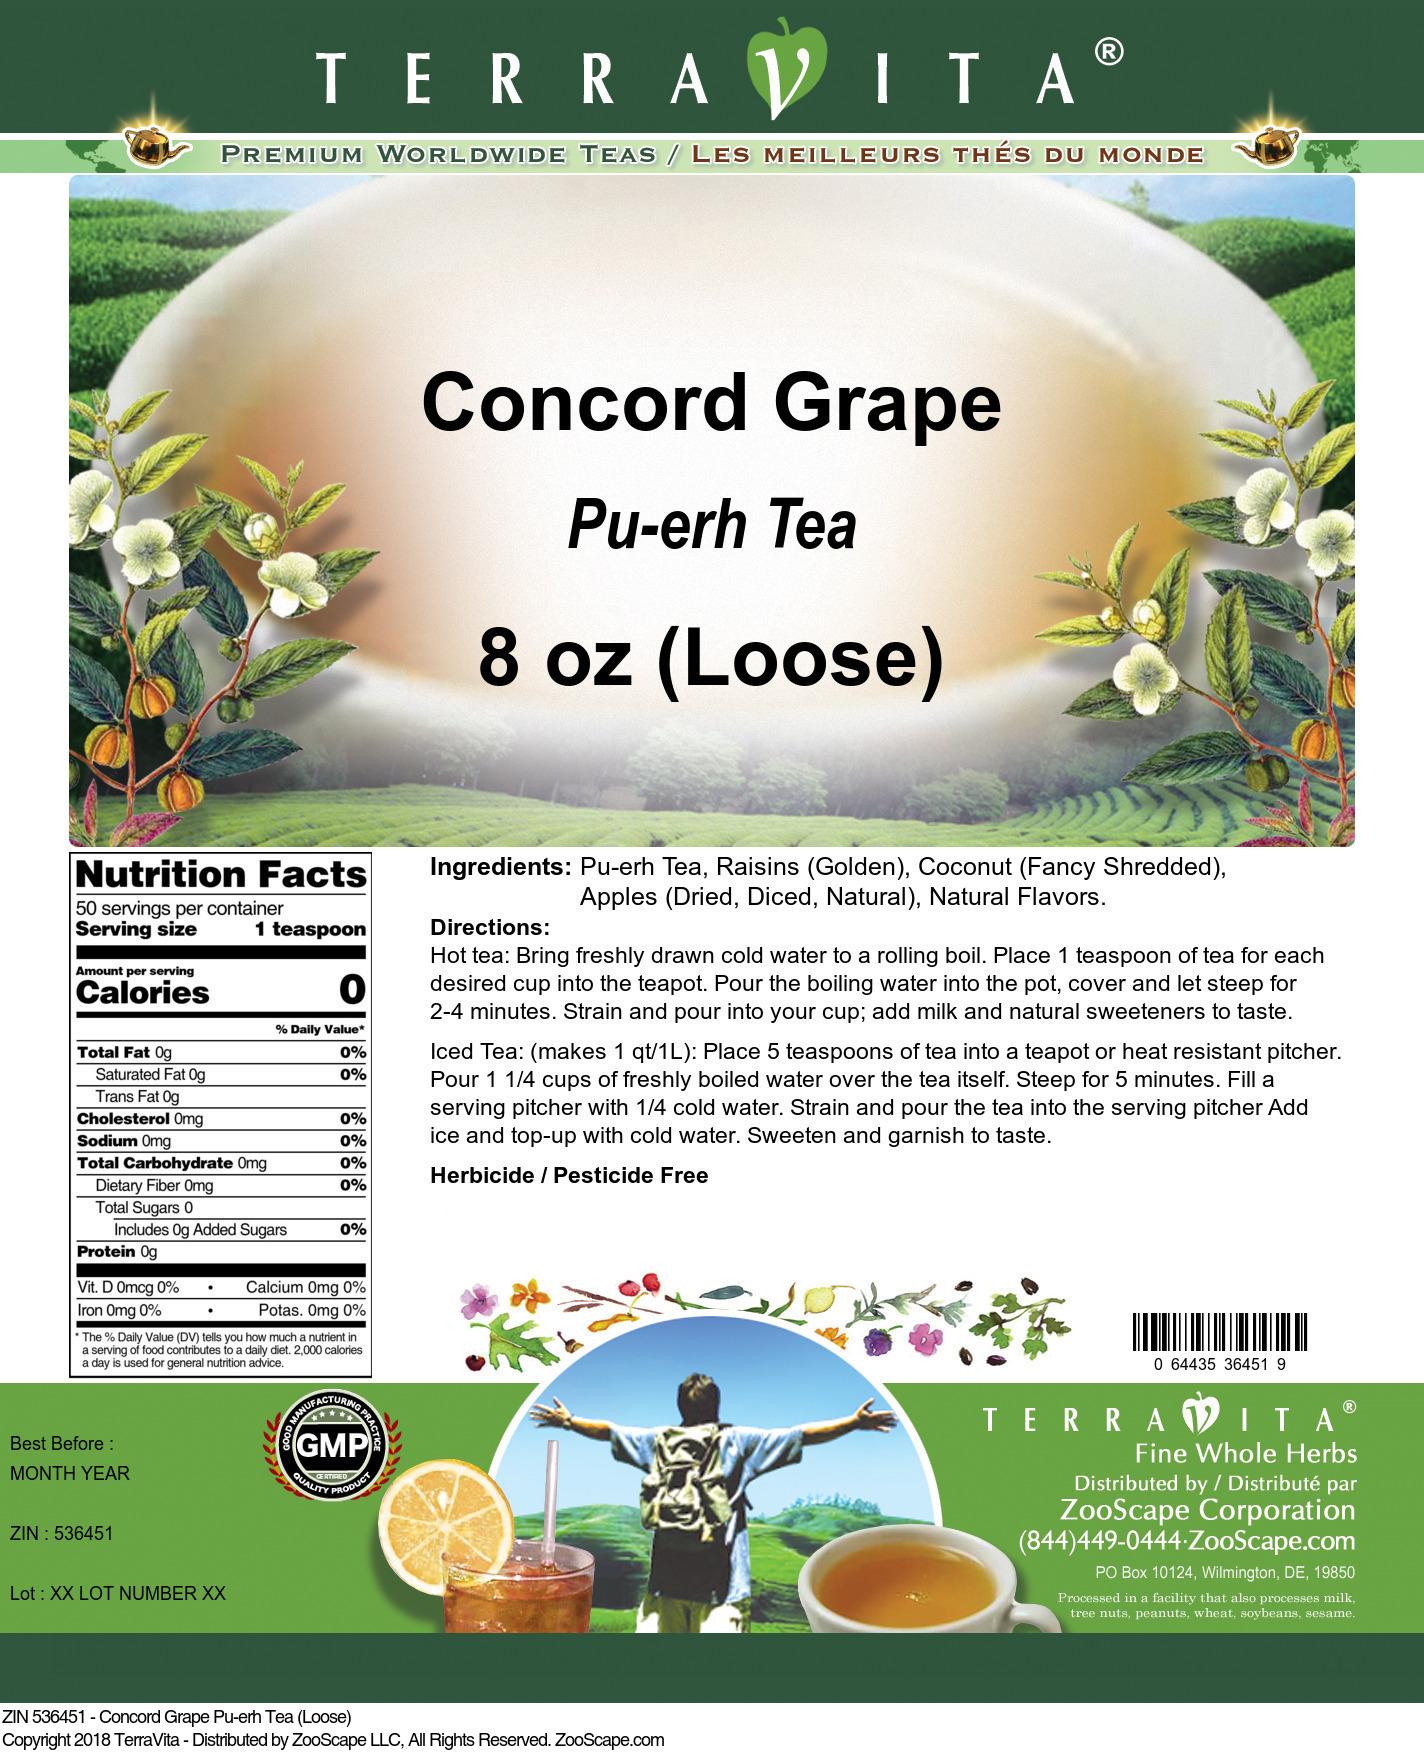 Concord Grape Pu-erh Tea